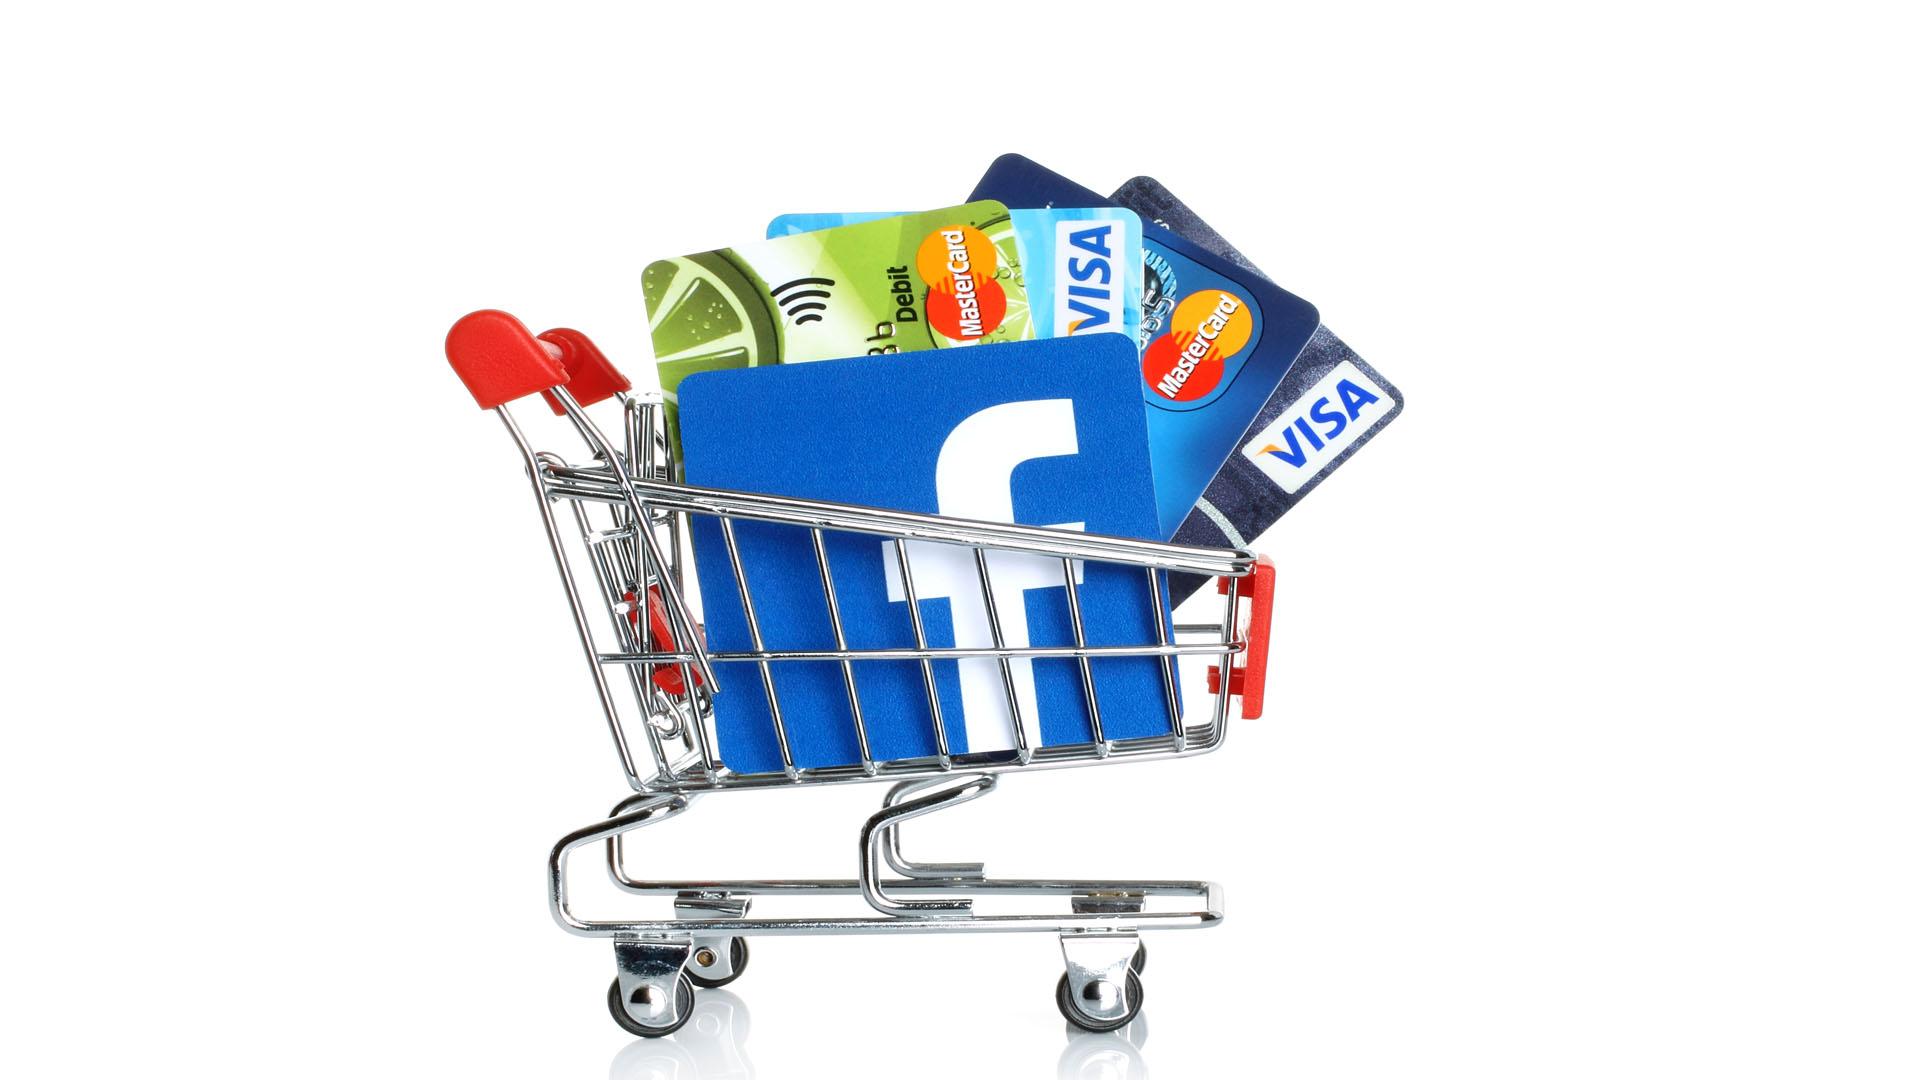 En los primeros tres meses del año la red social sumó más de mil millones de dólares, triplicando las ganancias de 2015